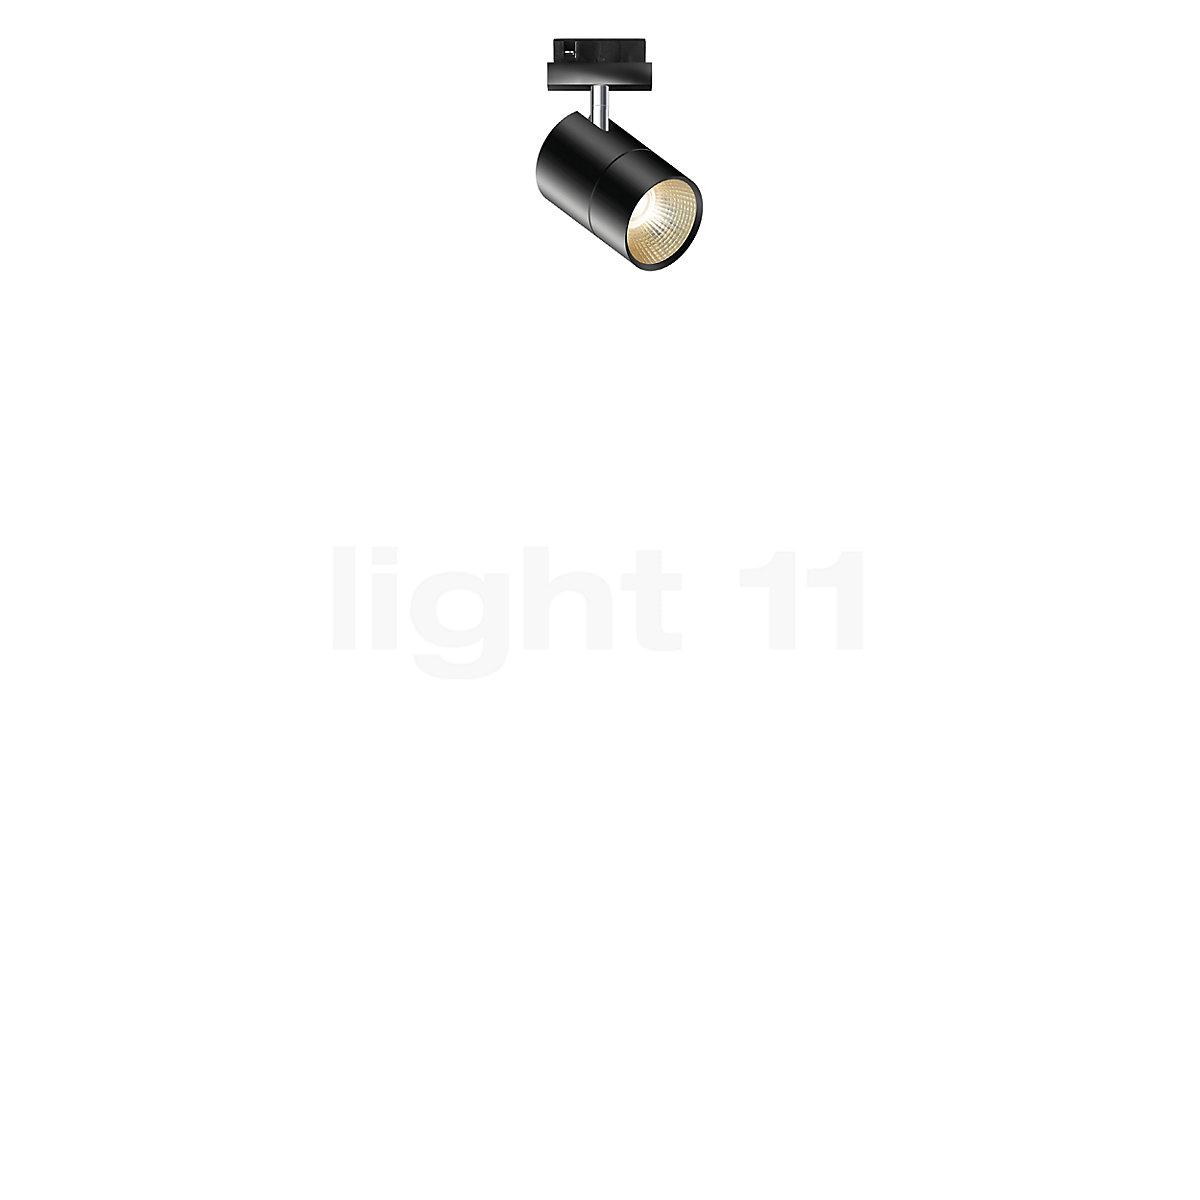 Duolare 230V Schienensystem von Bruck: Leuchten & Lampen